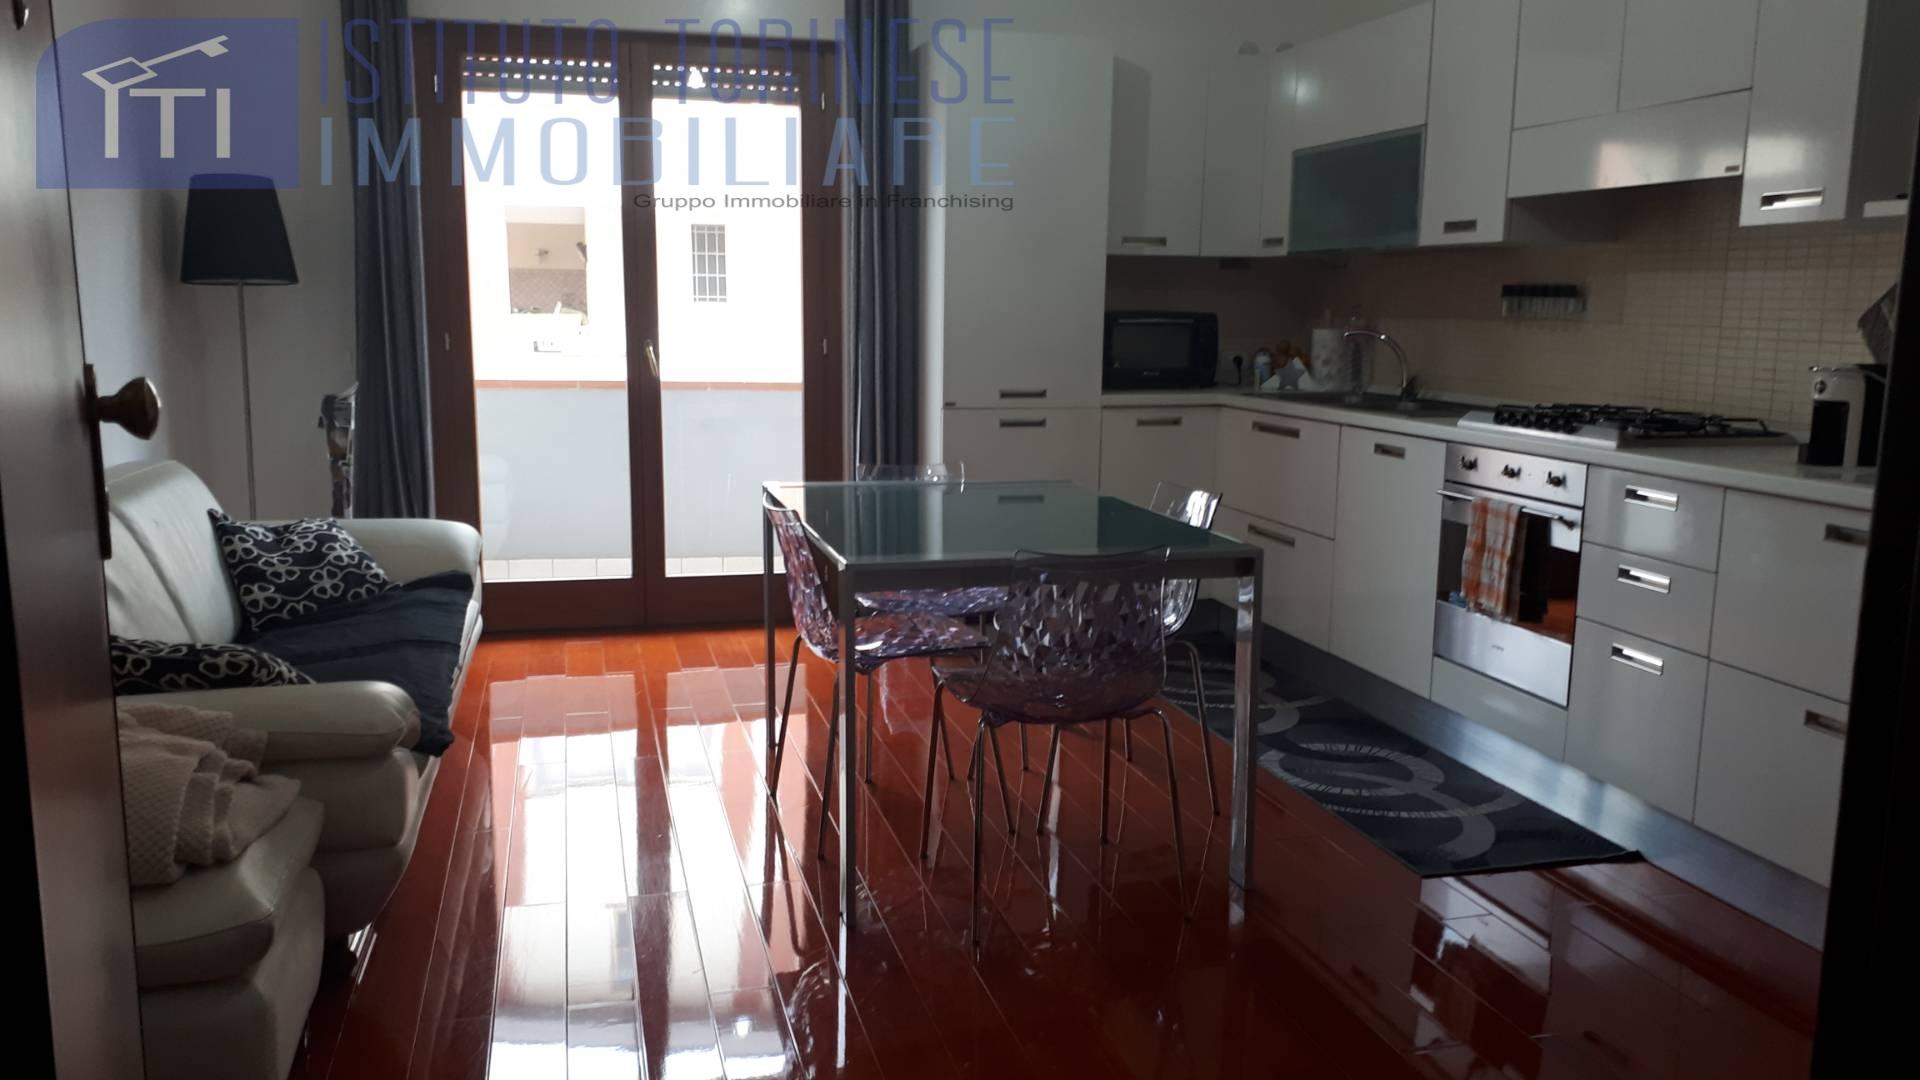 Appartamento in vendita a Latina, 3 locali, zona Zona: Semicentrale, prezzo € 139.000 | CambioCasa.it